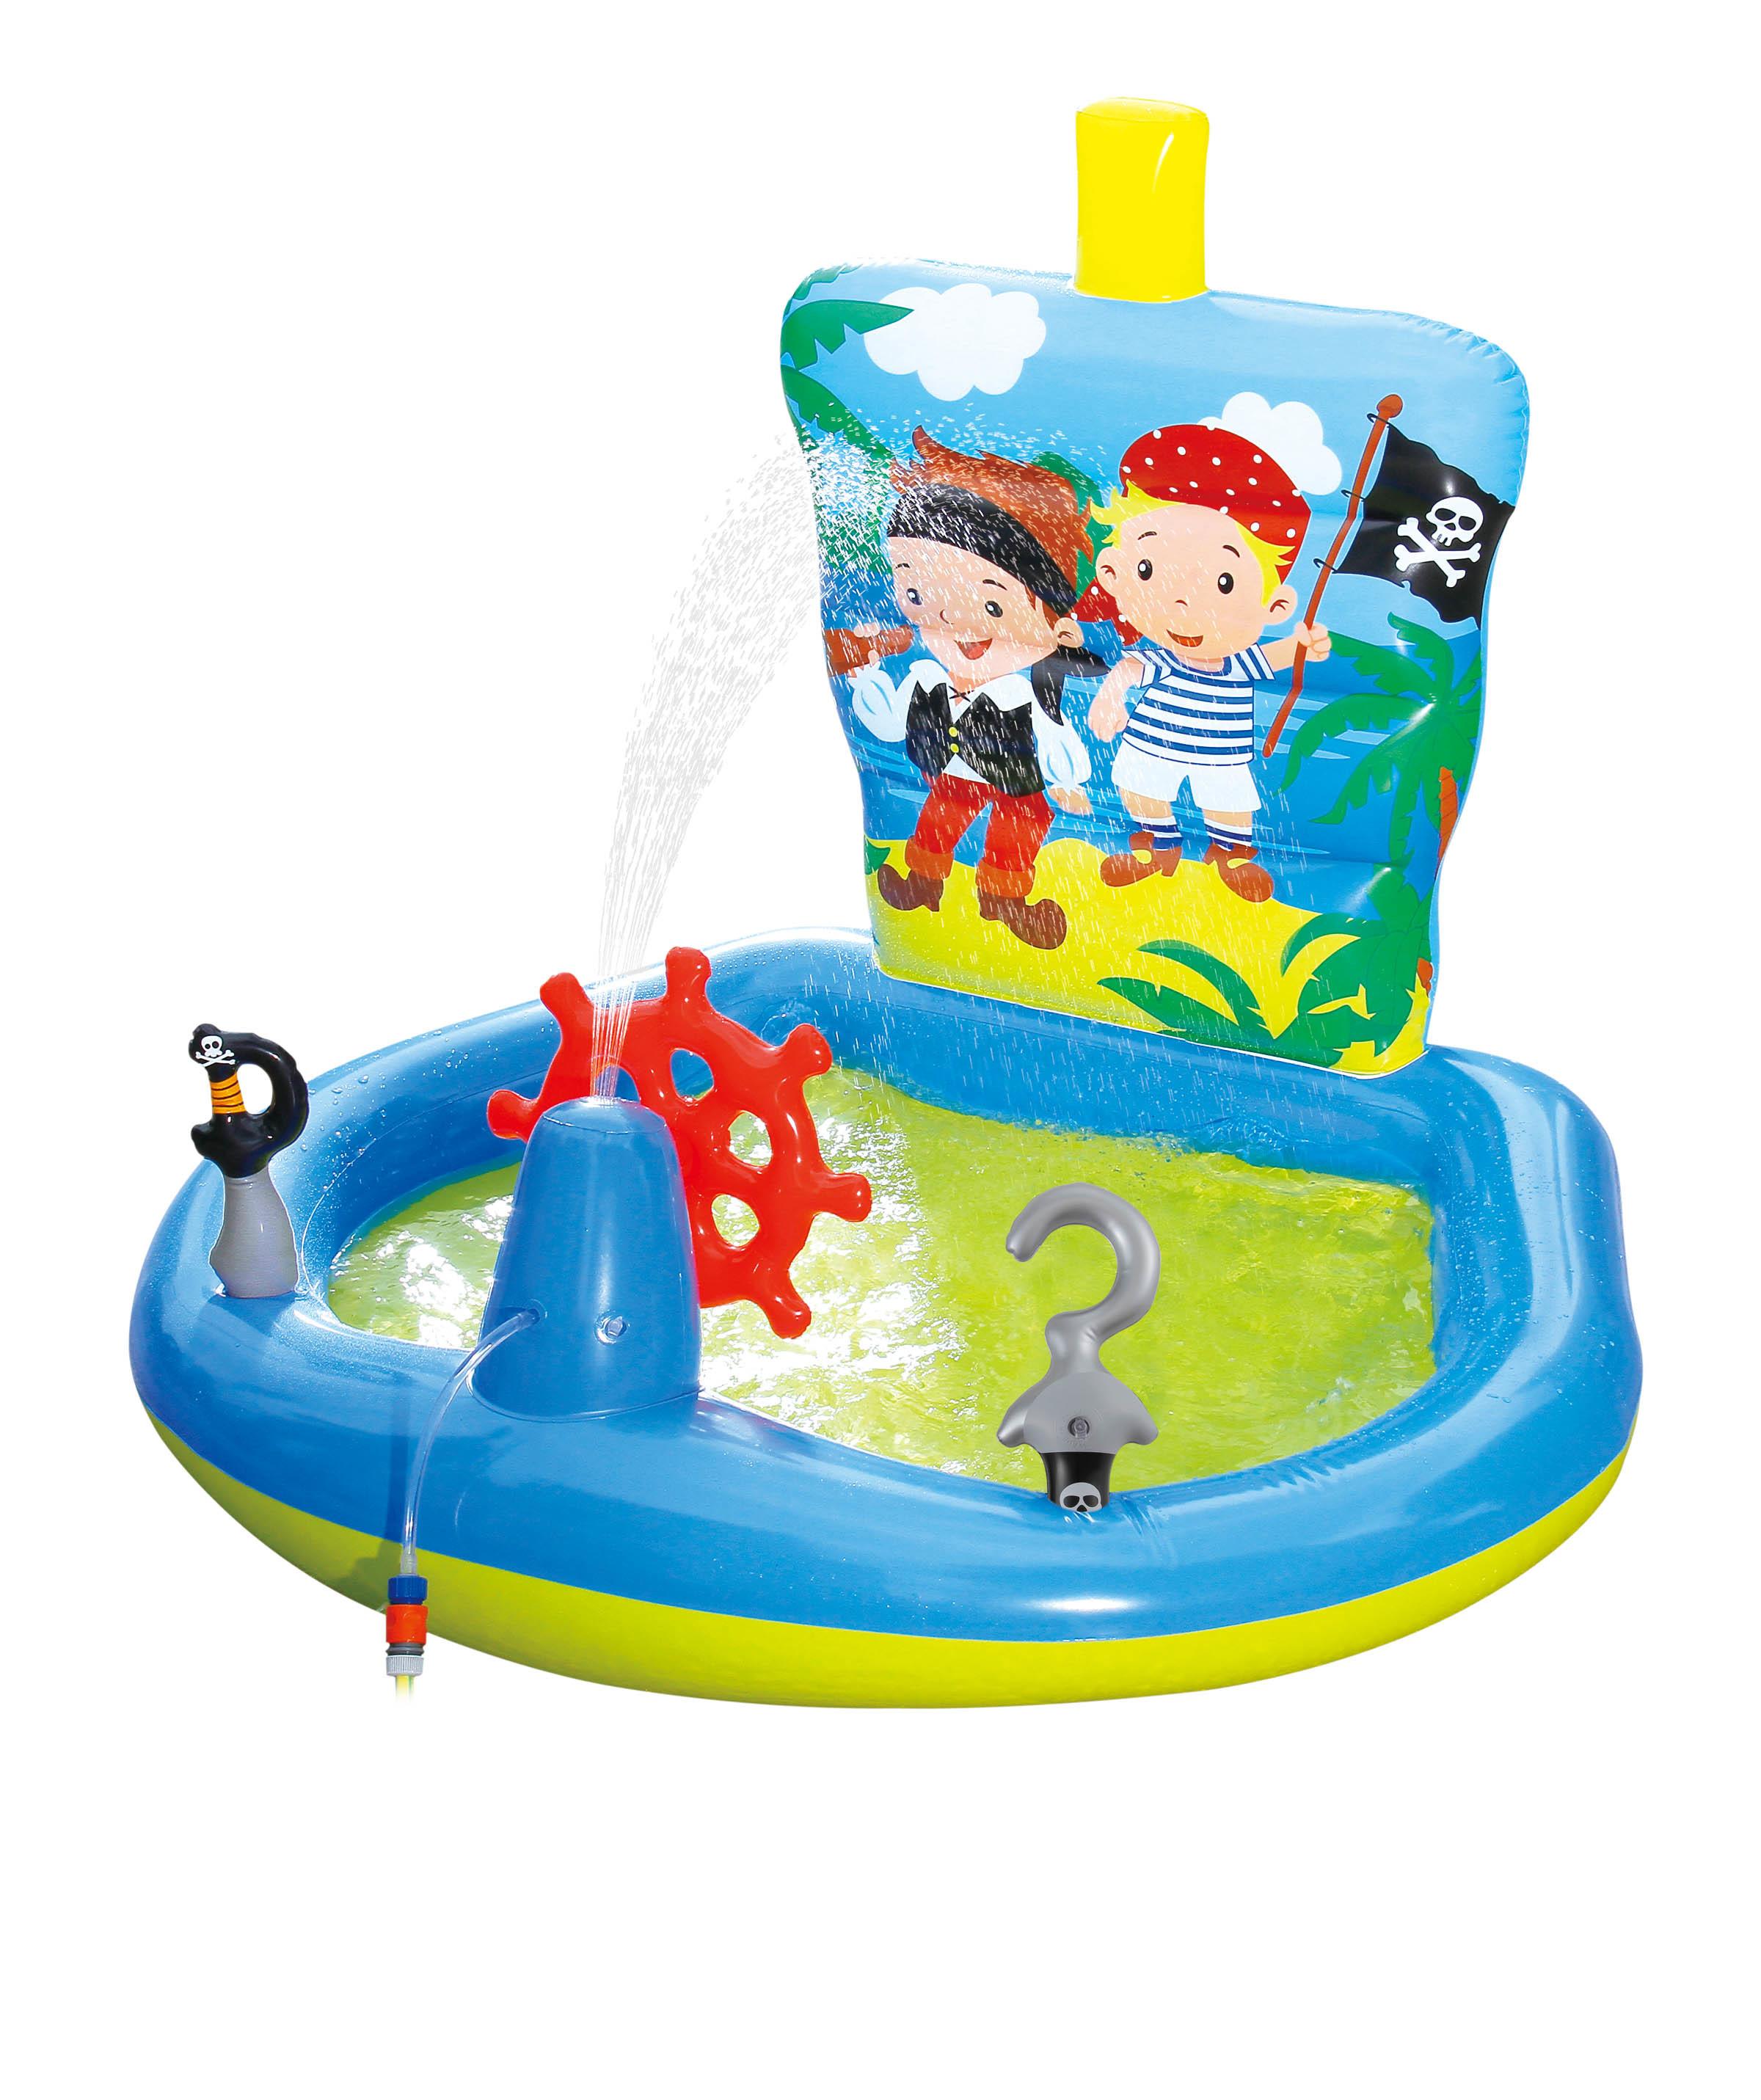 Beau piscine pour b b piscine gonflable prix piscine for Piscine bebe champignon